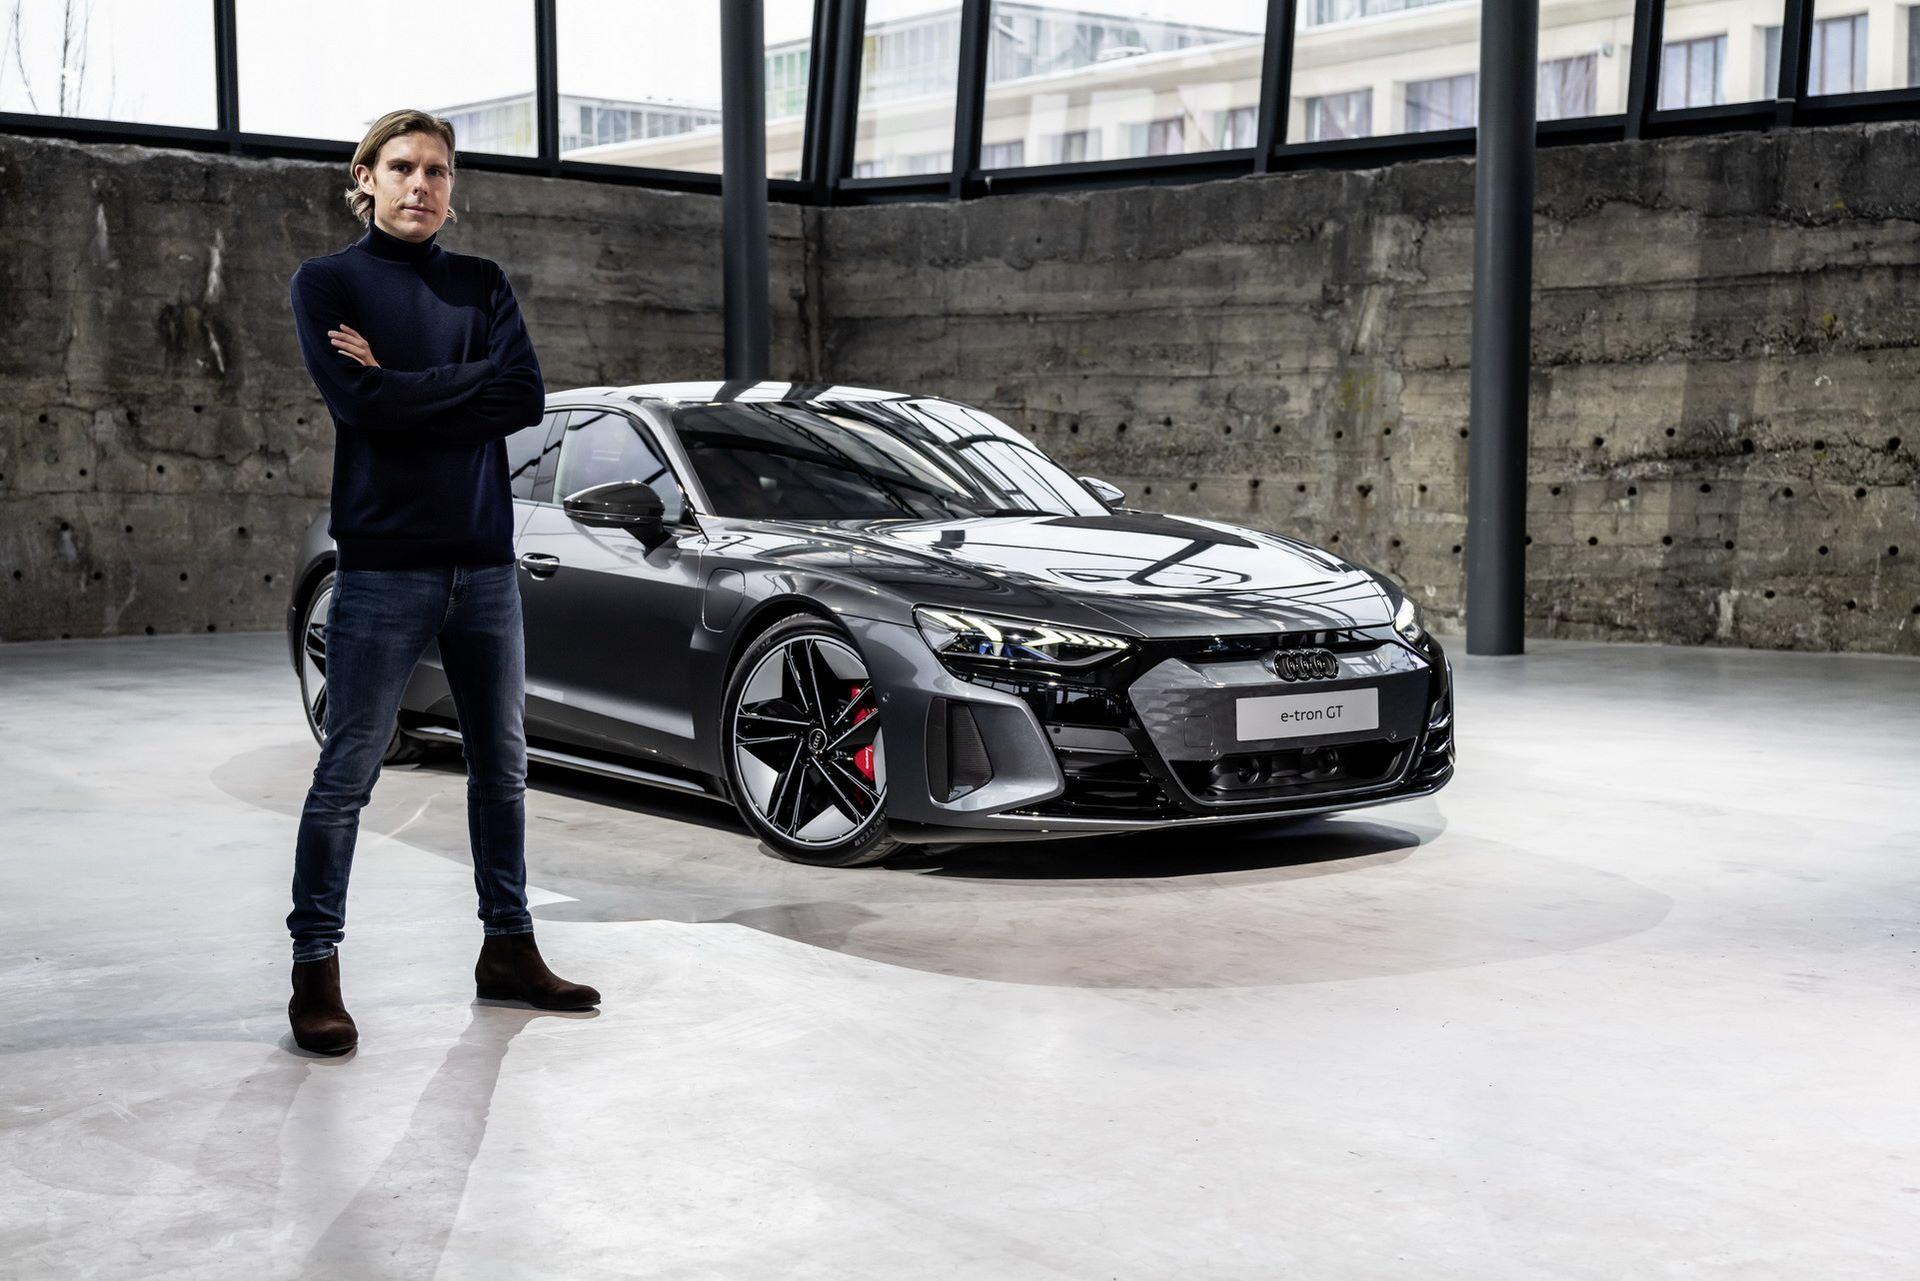 2022-Audi-e-tron-GT-37